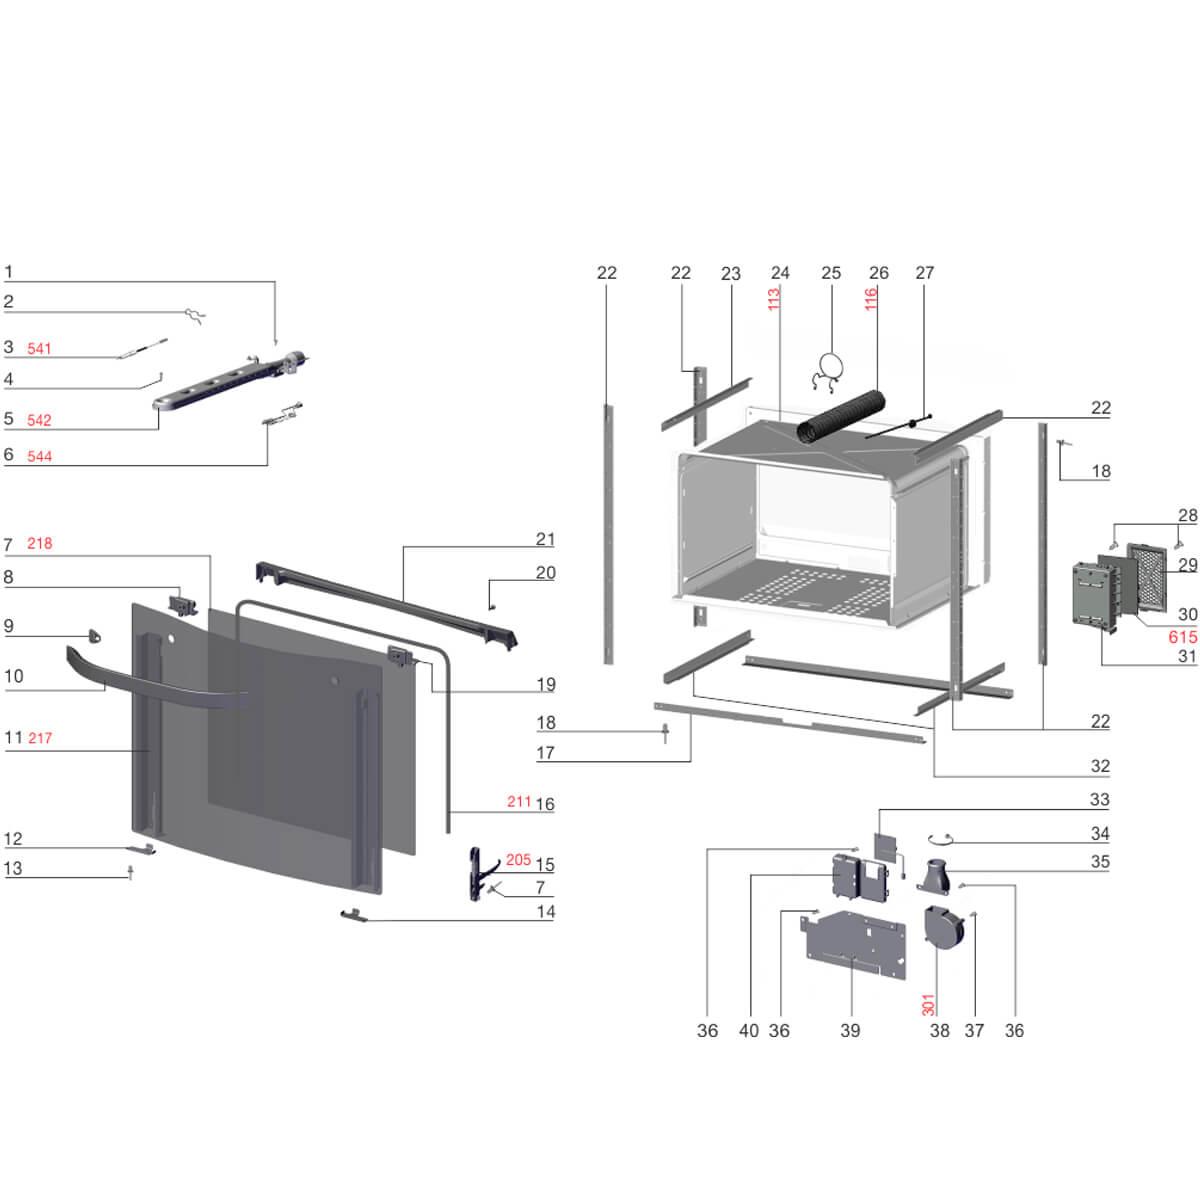 Kit Suporte Inferior Direito E Esquerdo Do Vidro Para Fogão Electrolux - 72600902 / 72600903